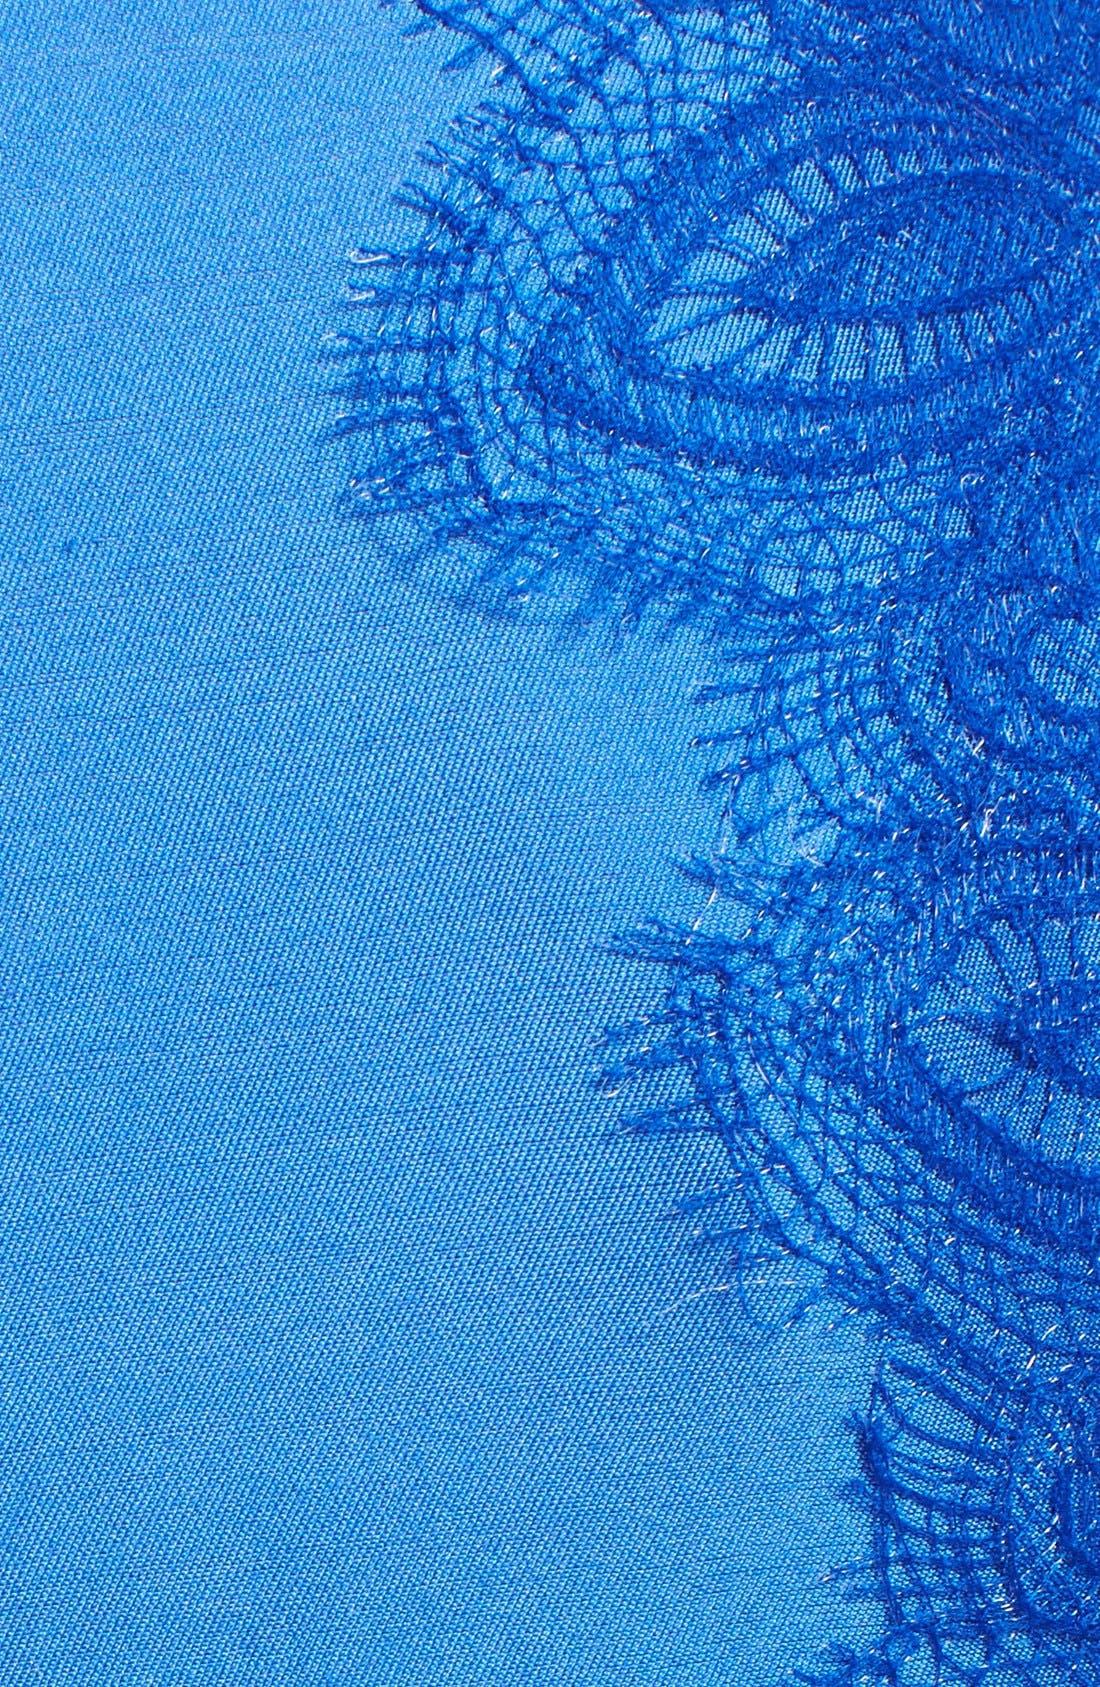 Alternate Image 3  - Lela Rose Lace Panel Sheath Dress